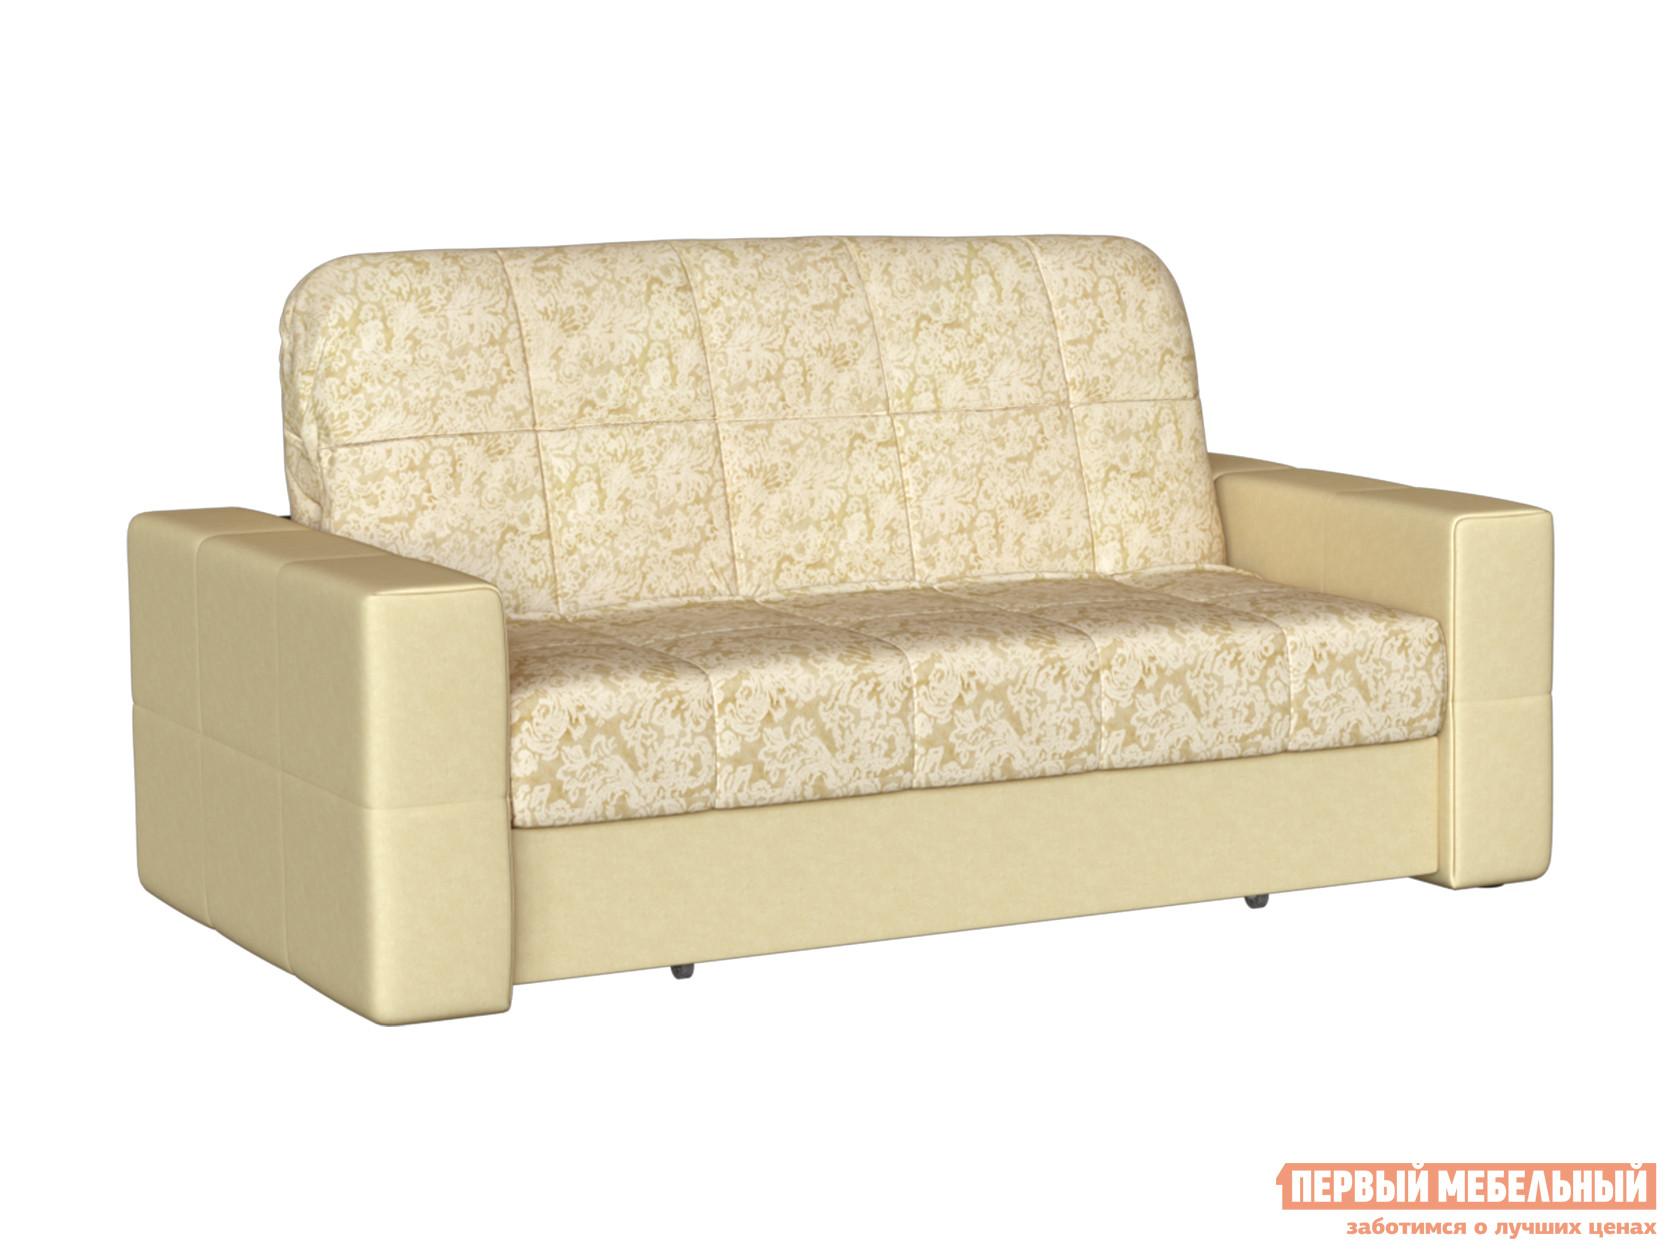 Прямой диван Первый Мебельный Диван Марио Люкс кресло кровать первый мебельный марио люкс